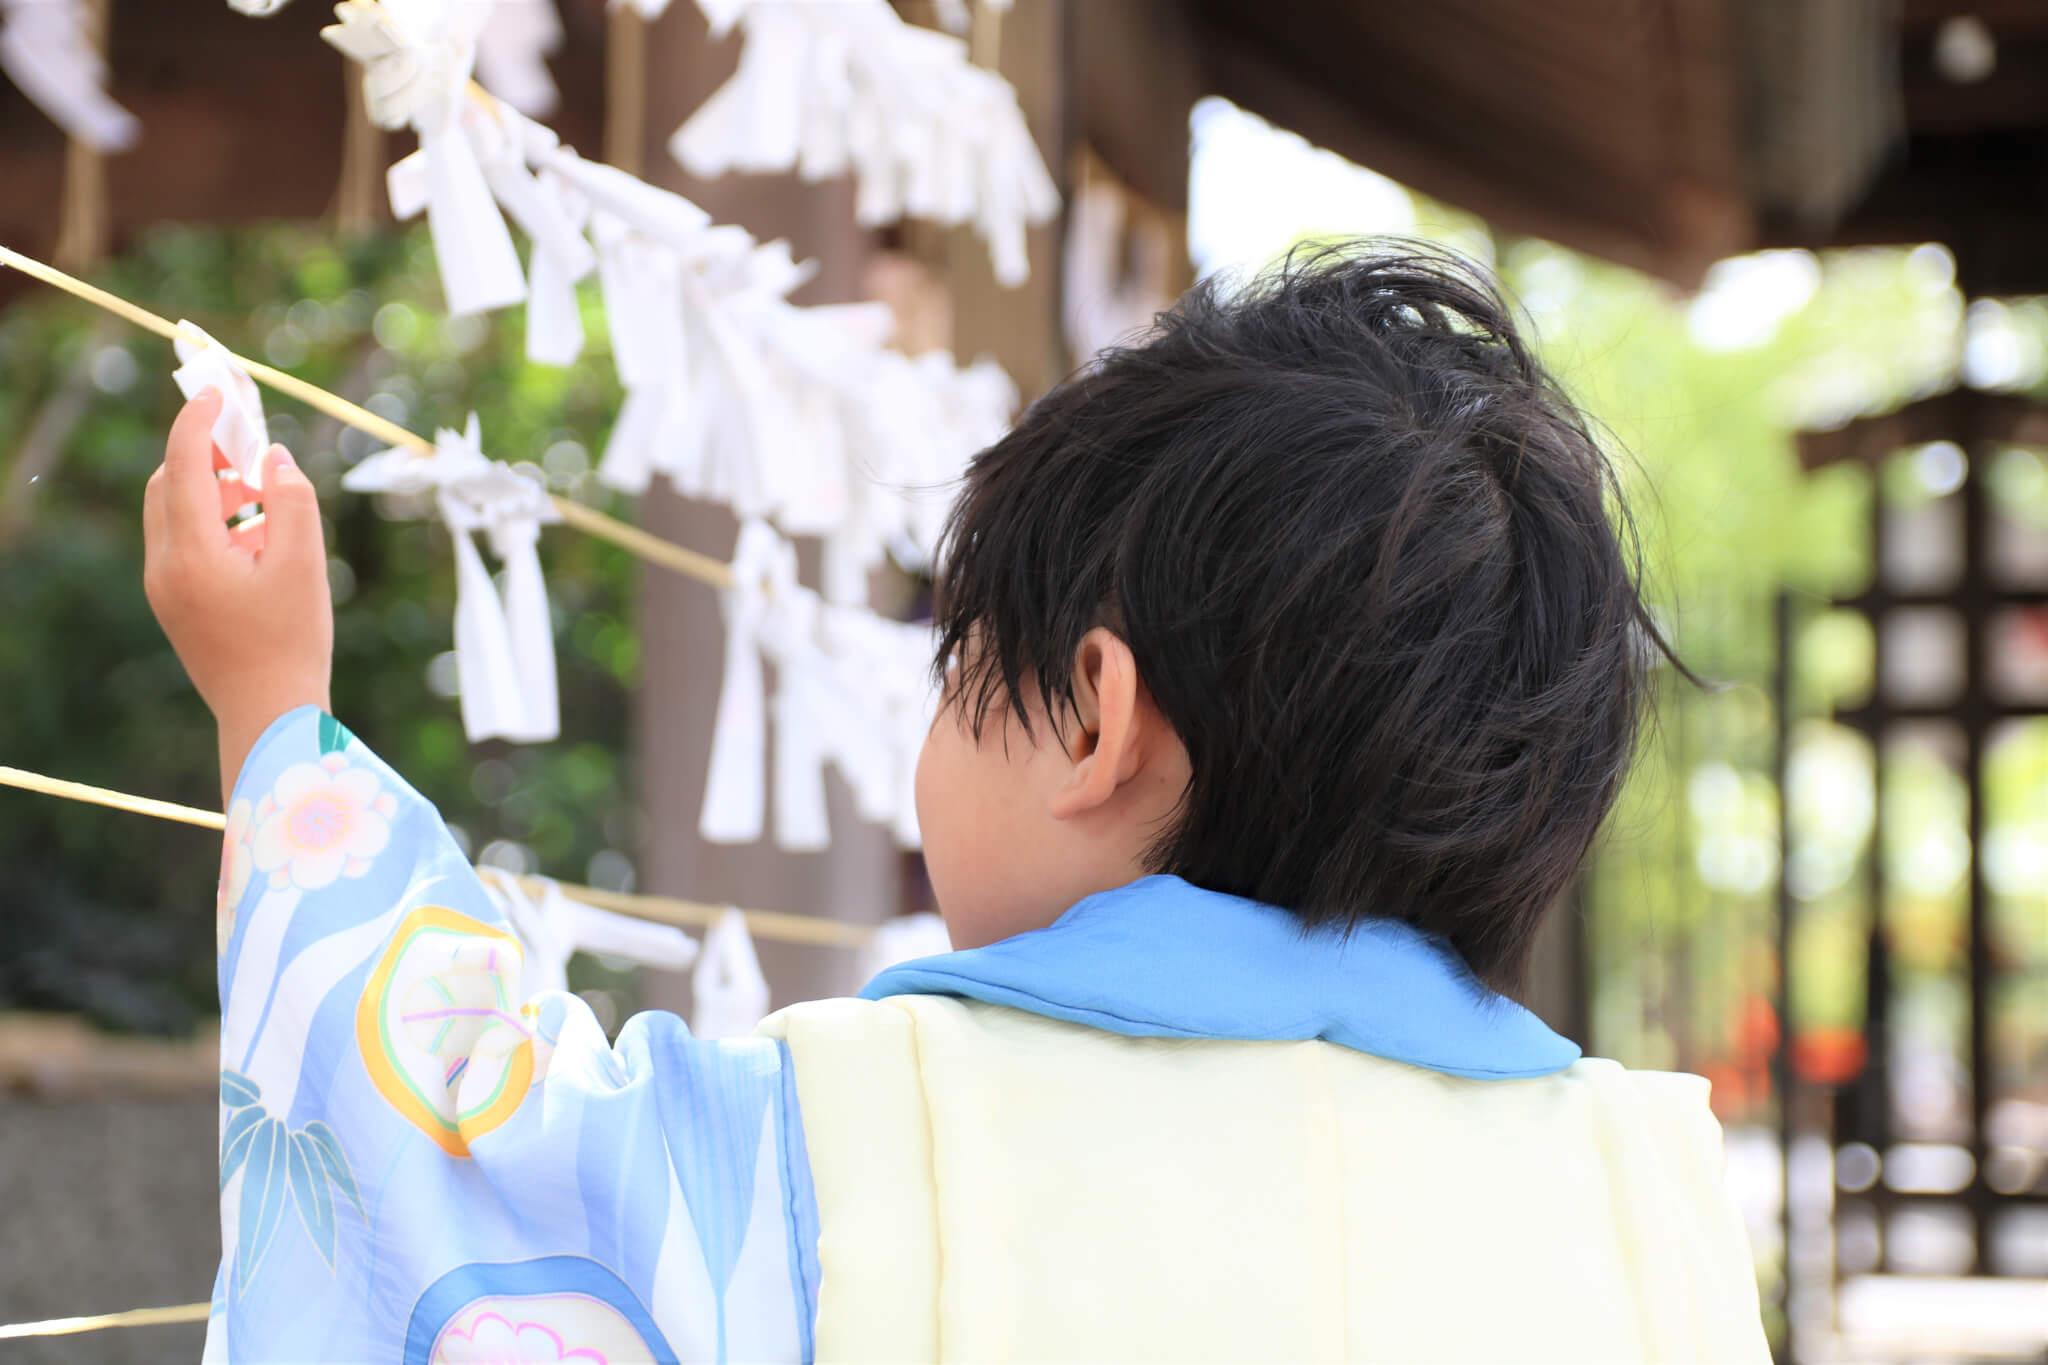 Canon EOS Kiss X8iは子どもの撮影に向いてる?七五三撮影で検証してみました